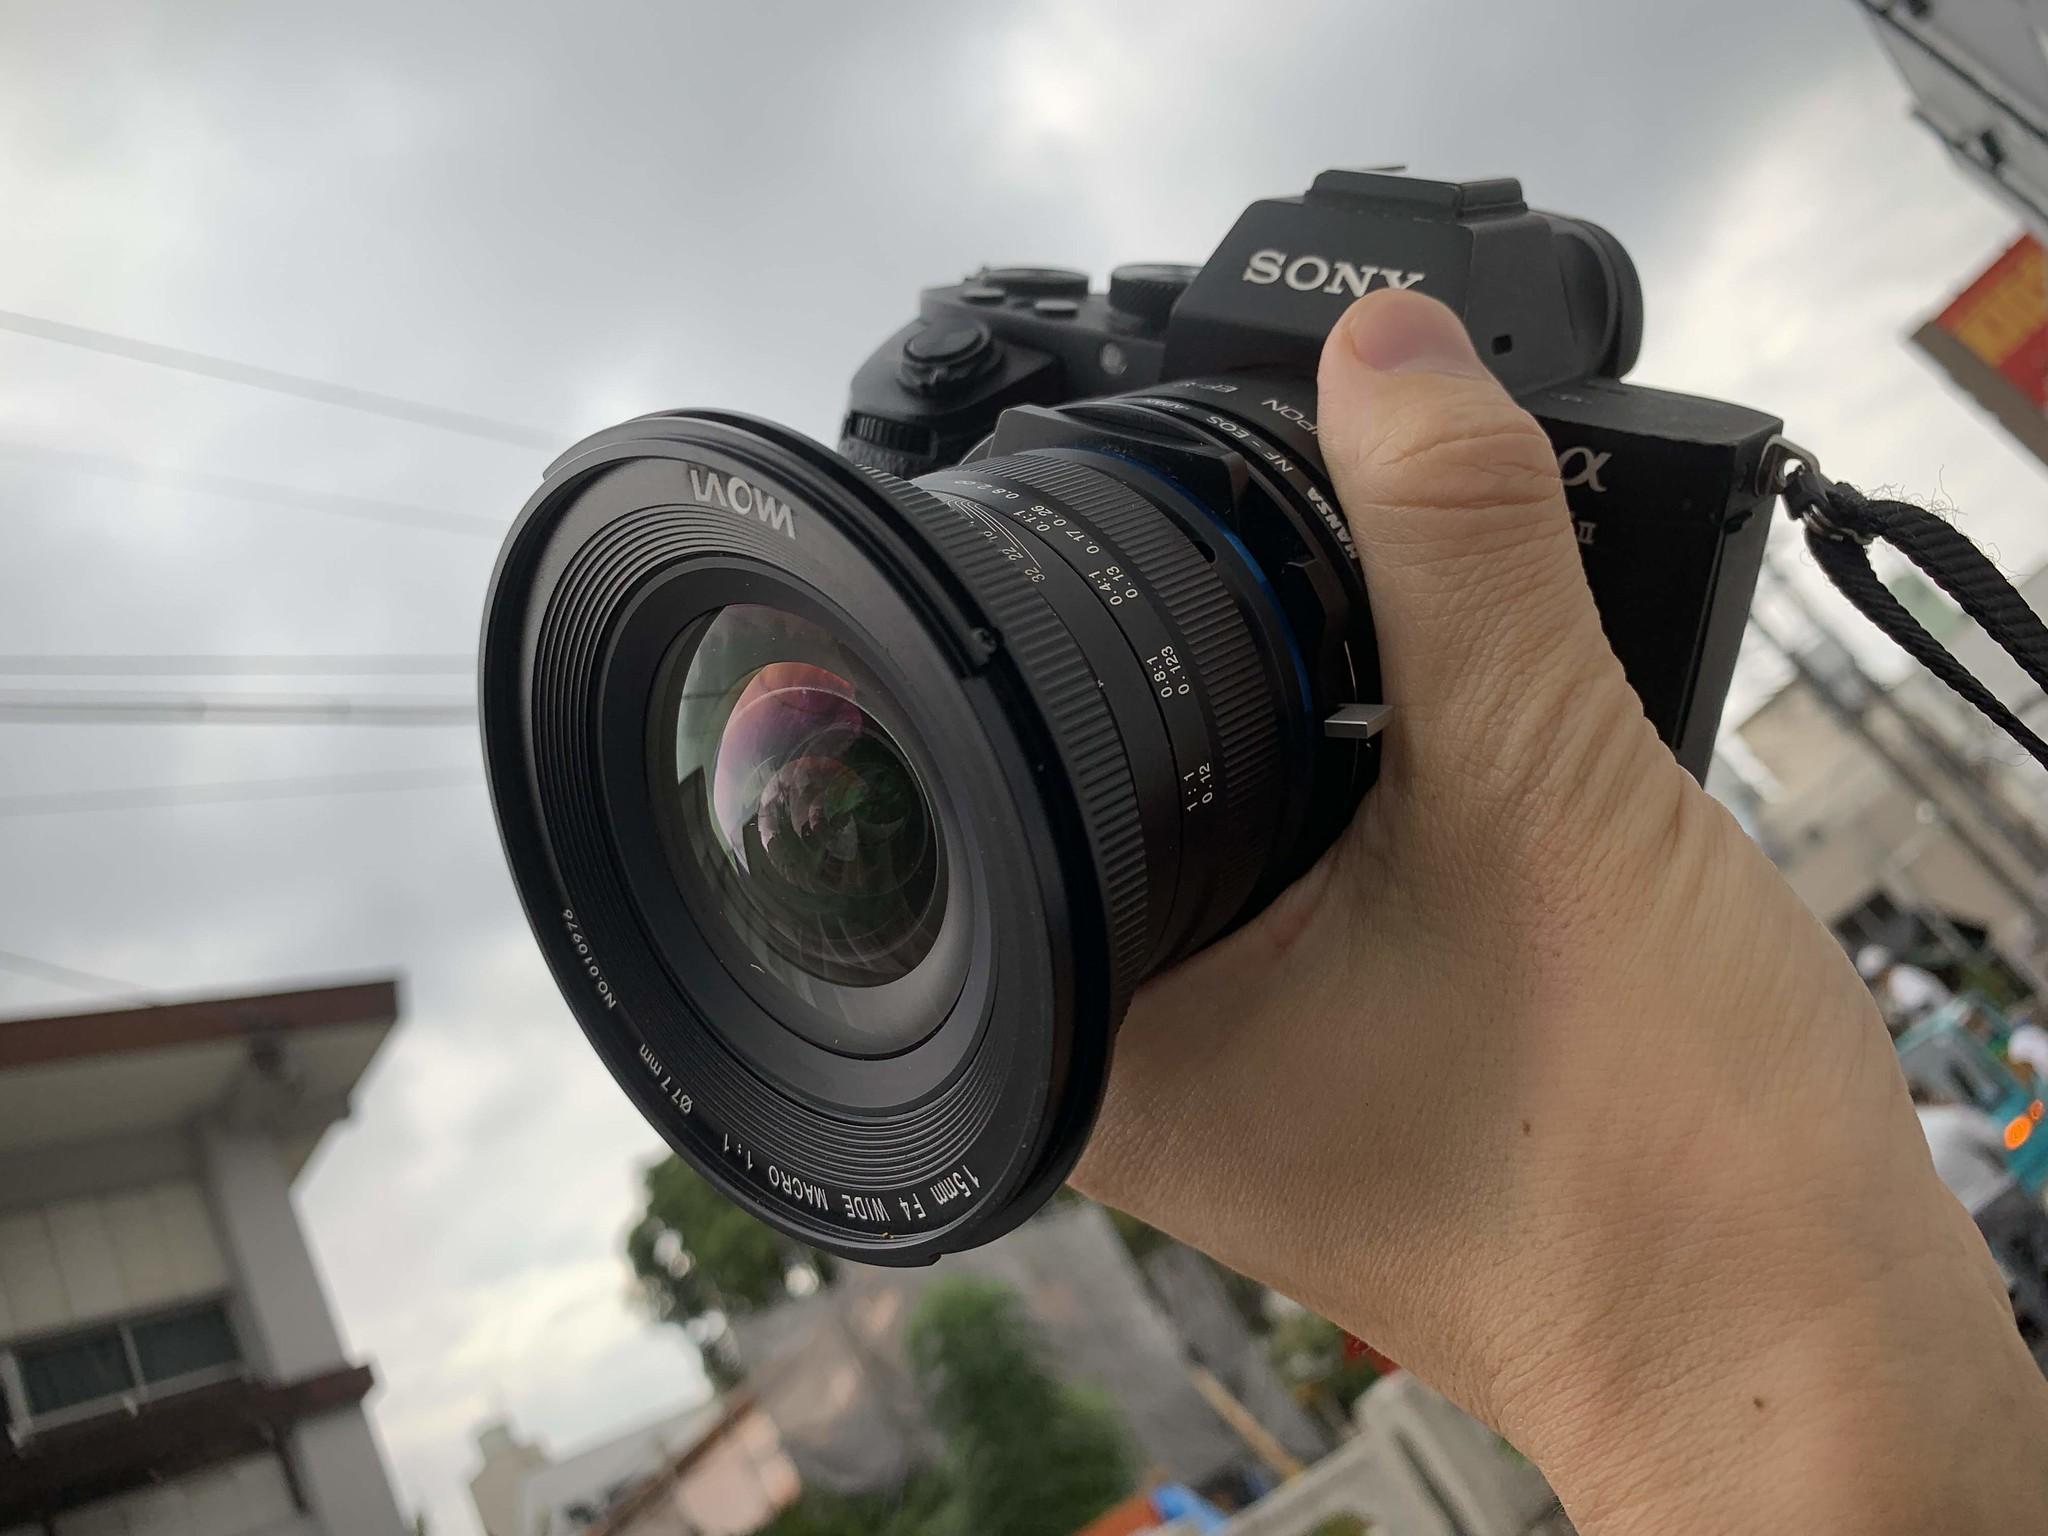 LAOWA 15mm wide angle macro